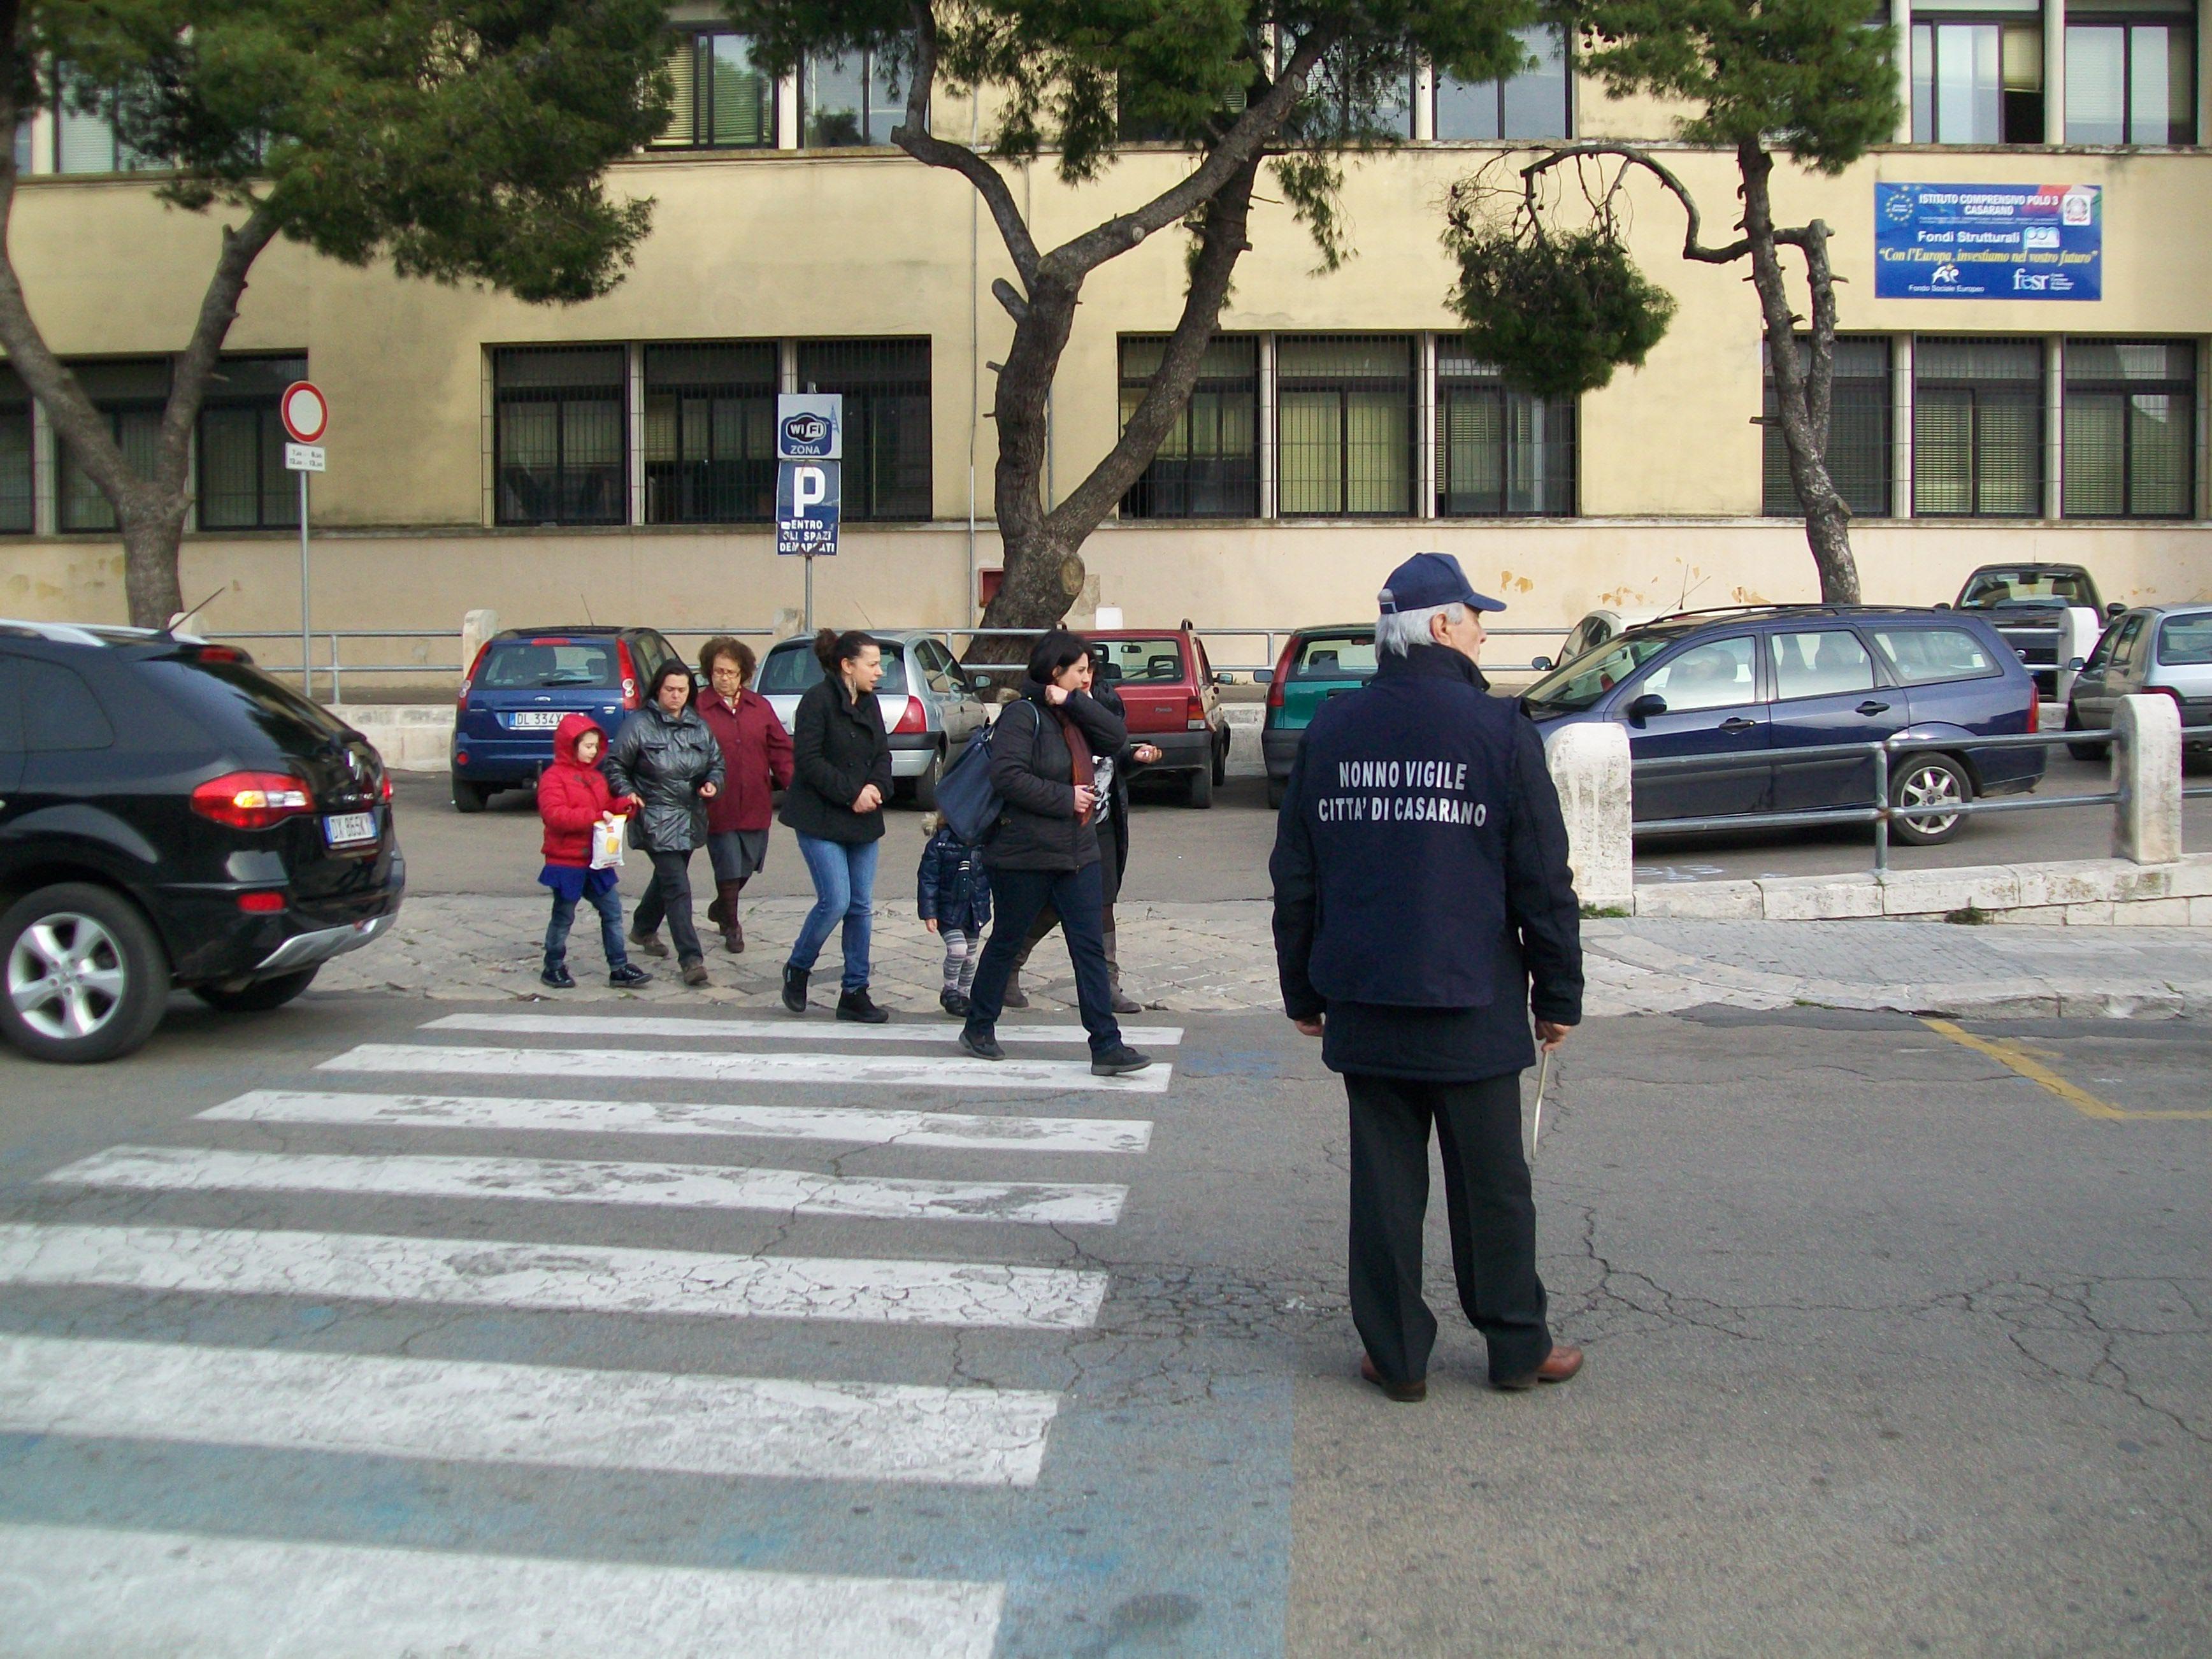 Multe in aumento a Casarano: in attesa delle